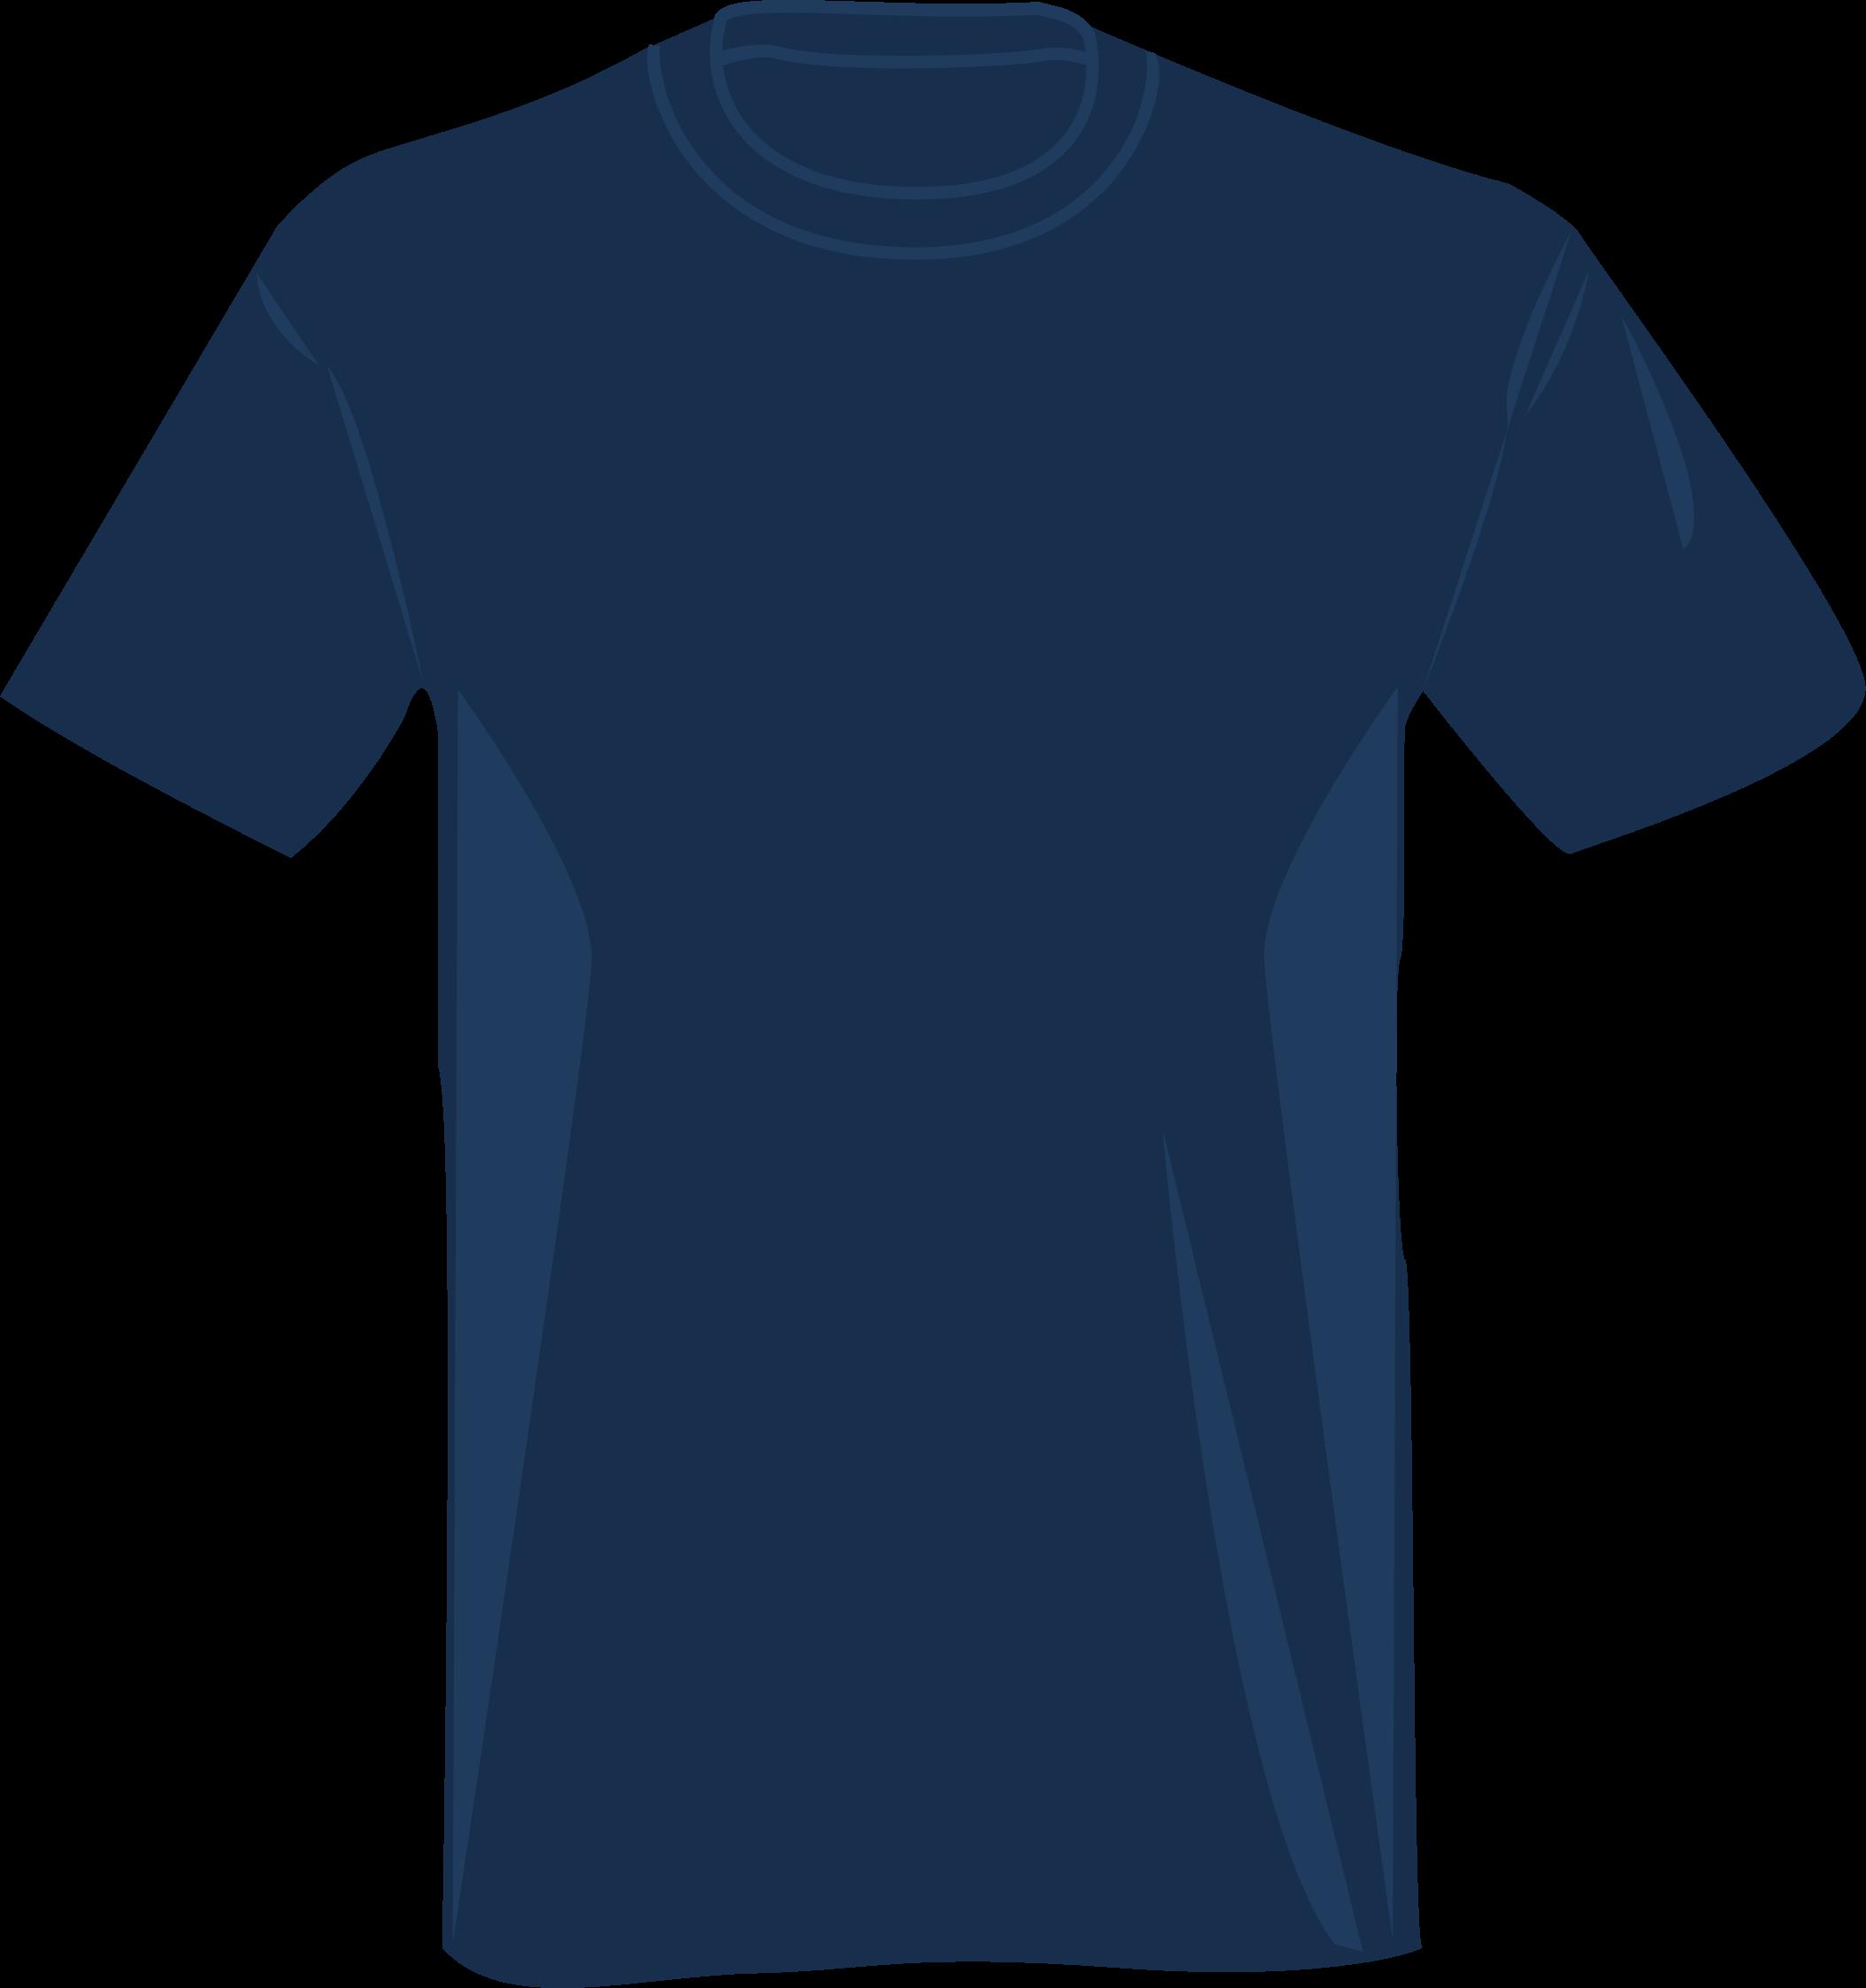 Clipart blue t shirt for Navy blue t shirt template